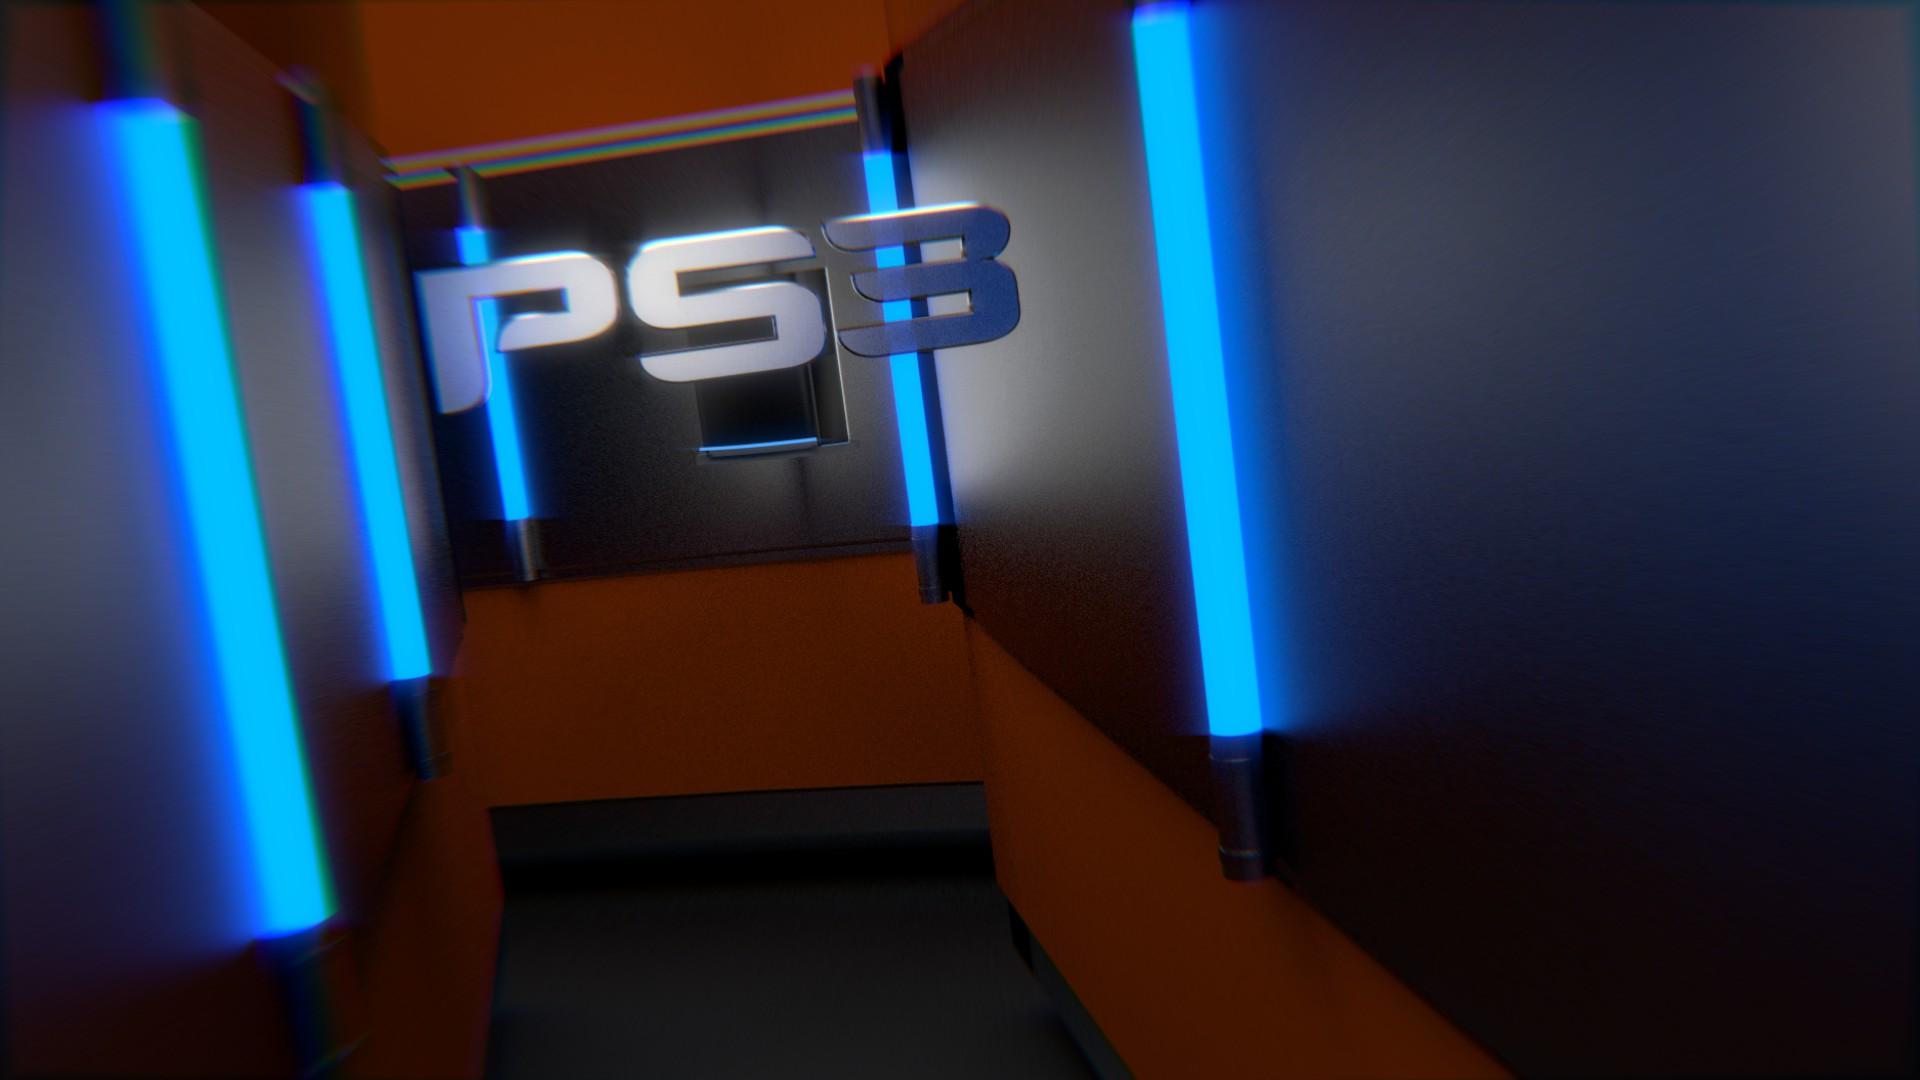 STEALTH-CONTROLLERS.COM, MANETTES PS3 ET XBOX 360 CUSTOM, MANETTES PERSONNALISÉES